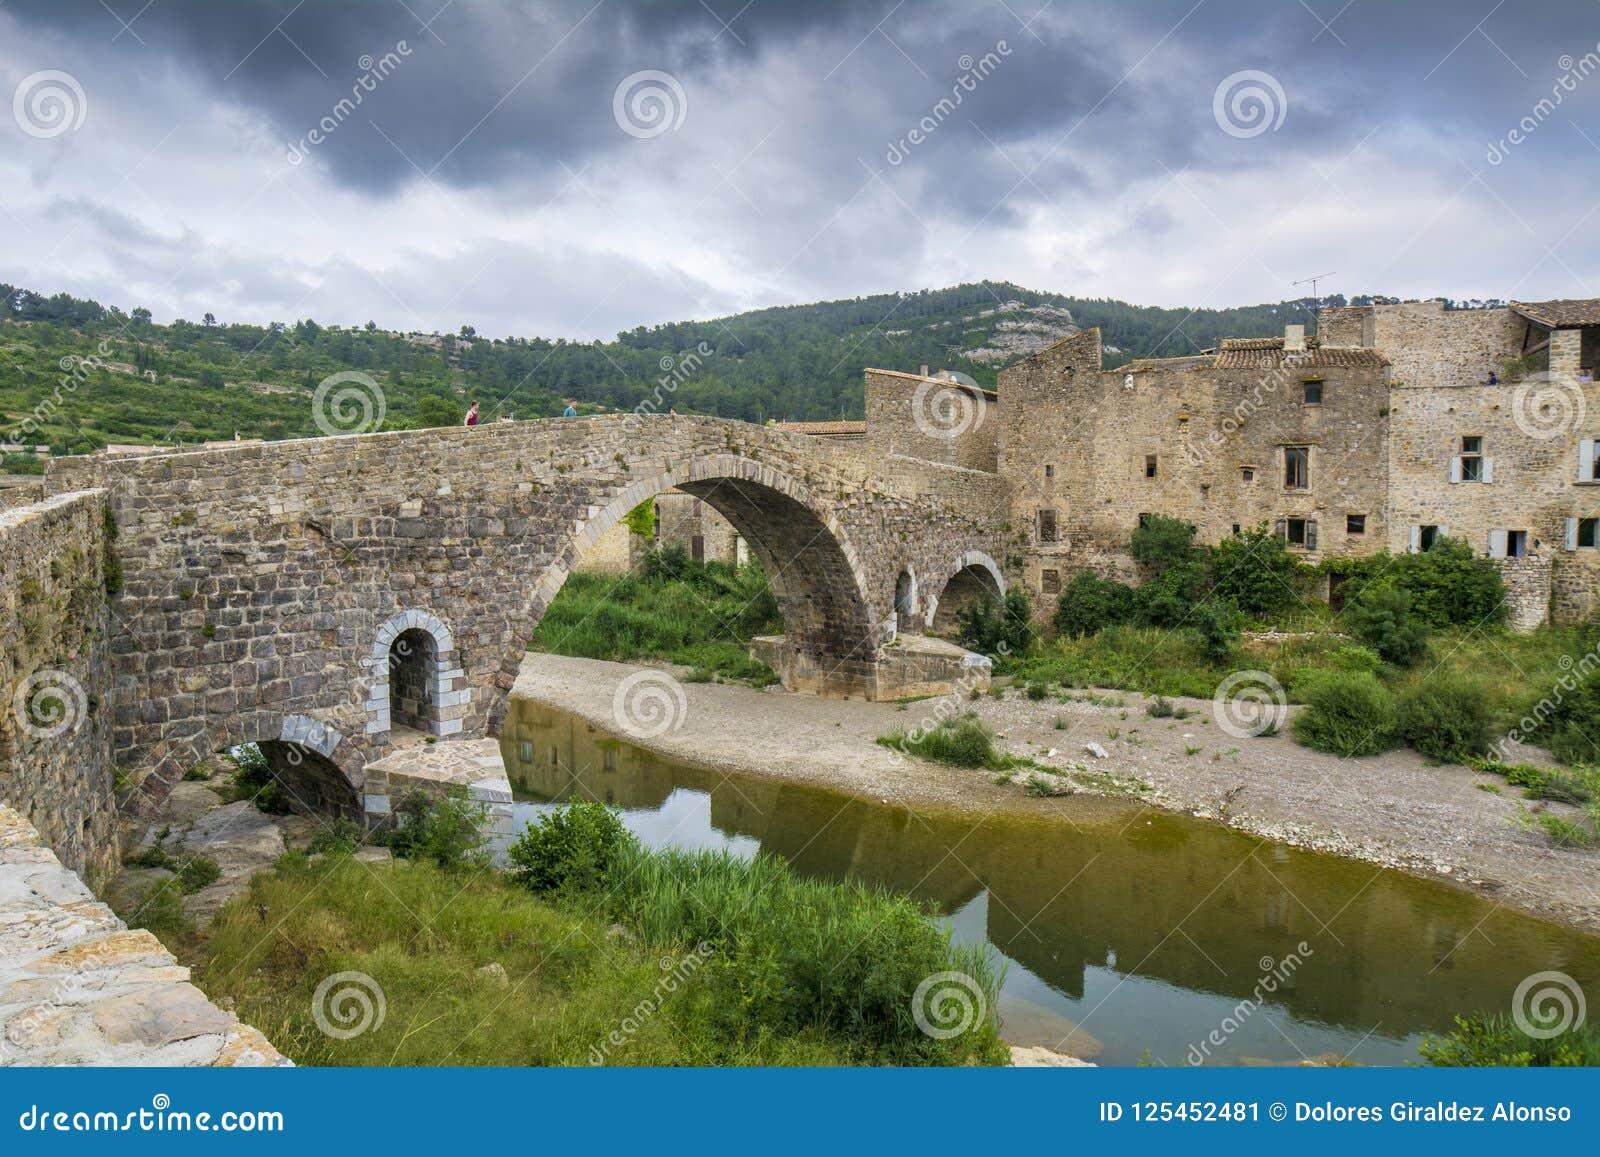 Alte Steinbrücke in Lagrasse in Languedoc, Frankreich